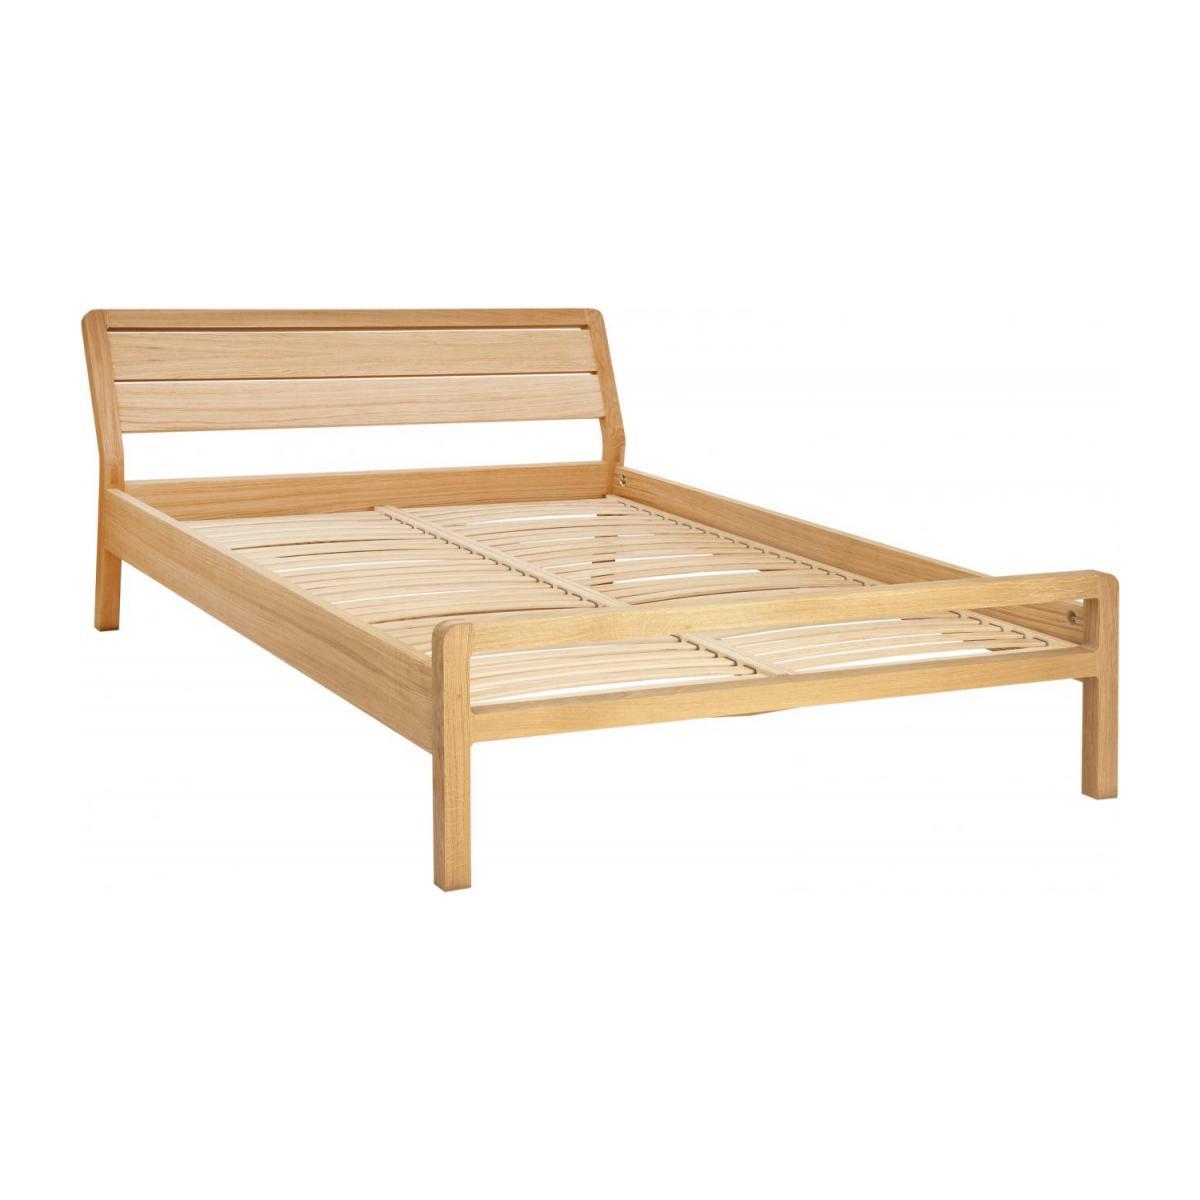 Full Size of Bett 160x200 Holz Massivholz 160 X 220 Breite Oder 180 Paletten Kaufen Ikea Europaletten Welches Gunstig Cm Mit Stauraum Online Gebraucht Großes Betten 90x200 Bett Bett 160